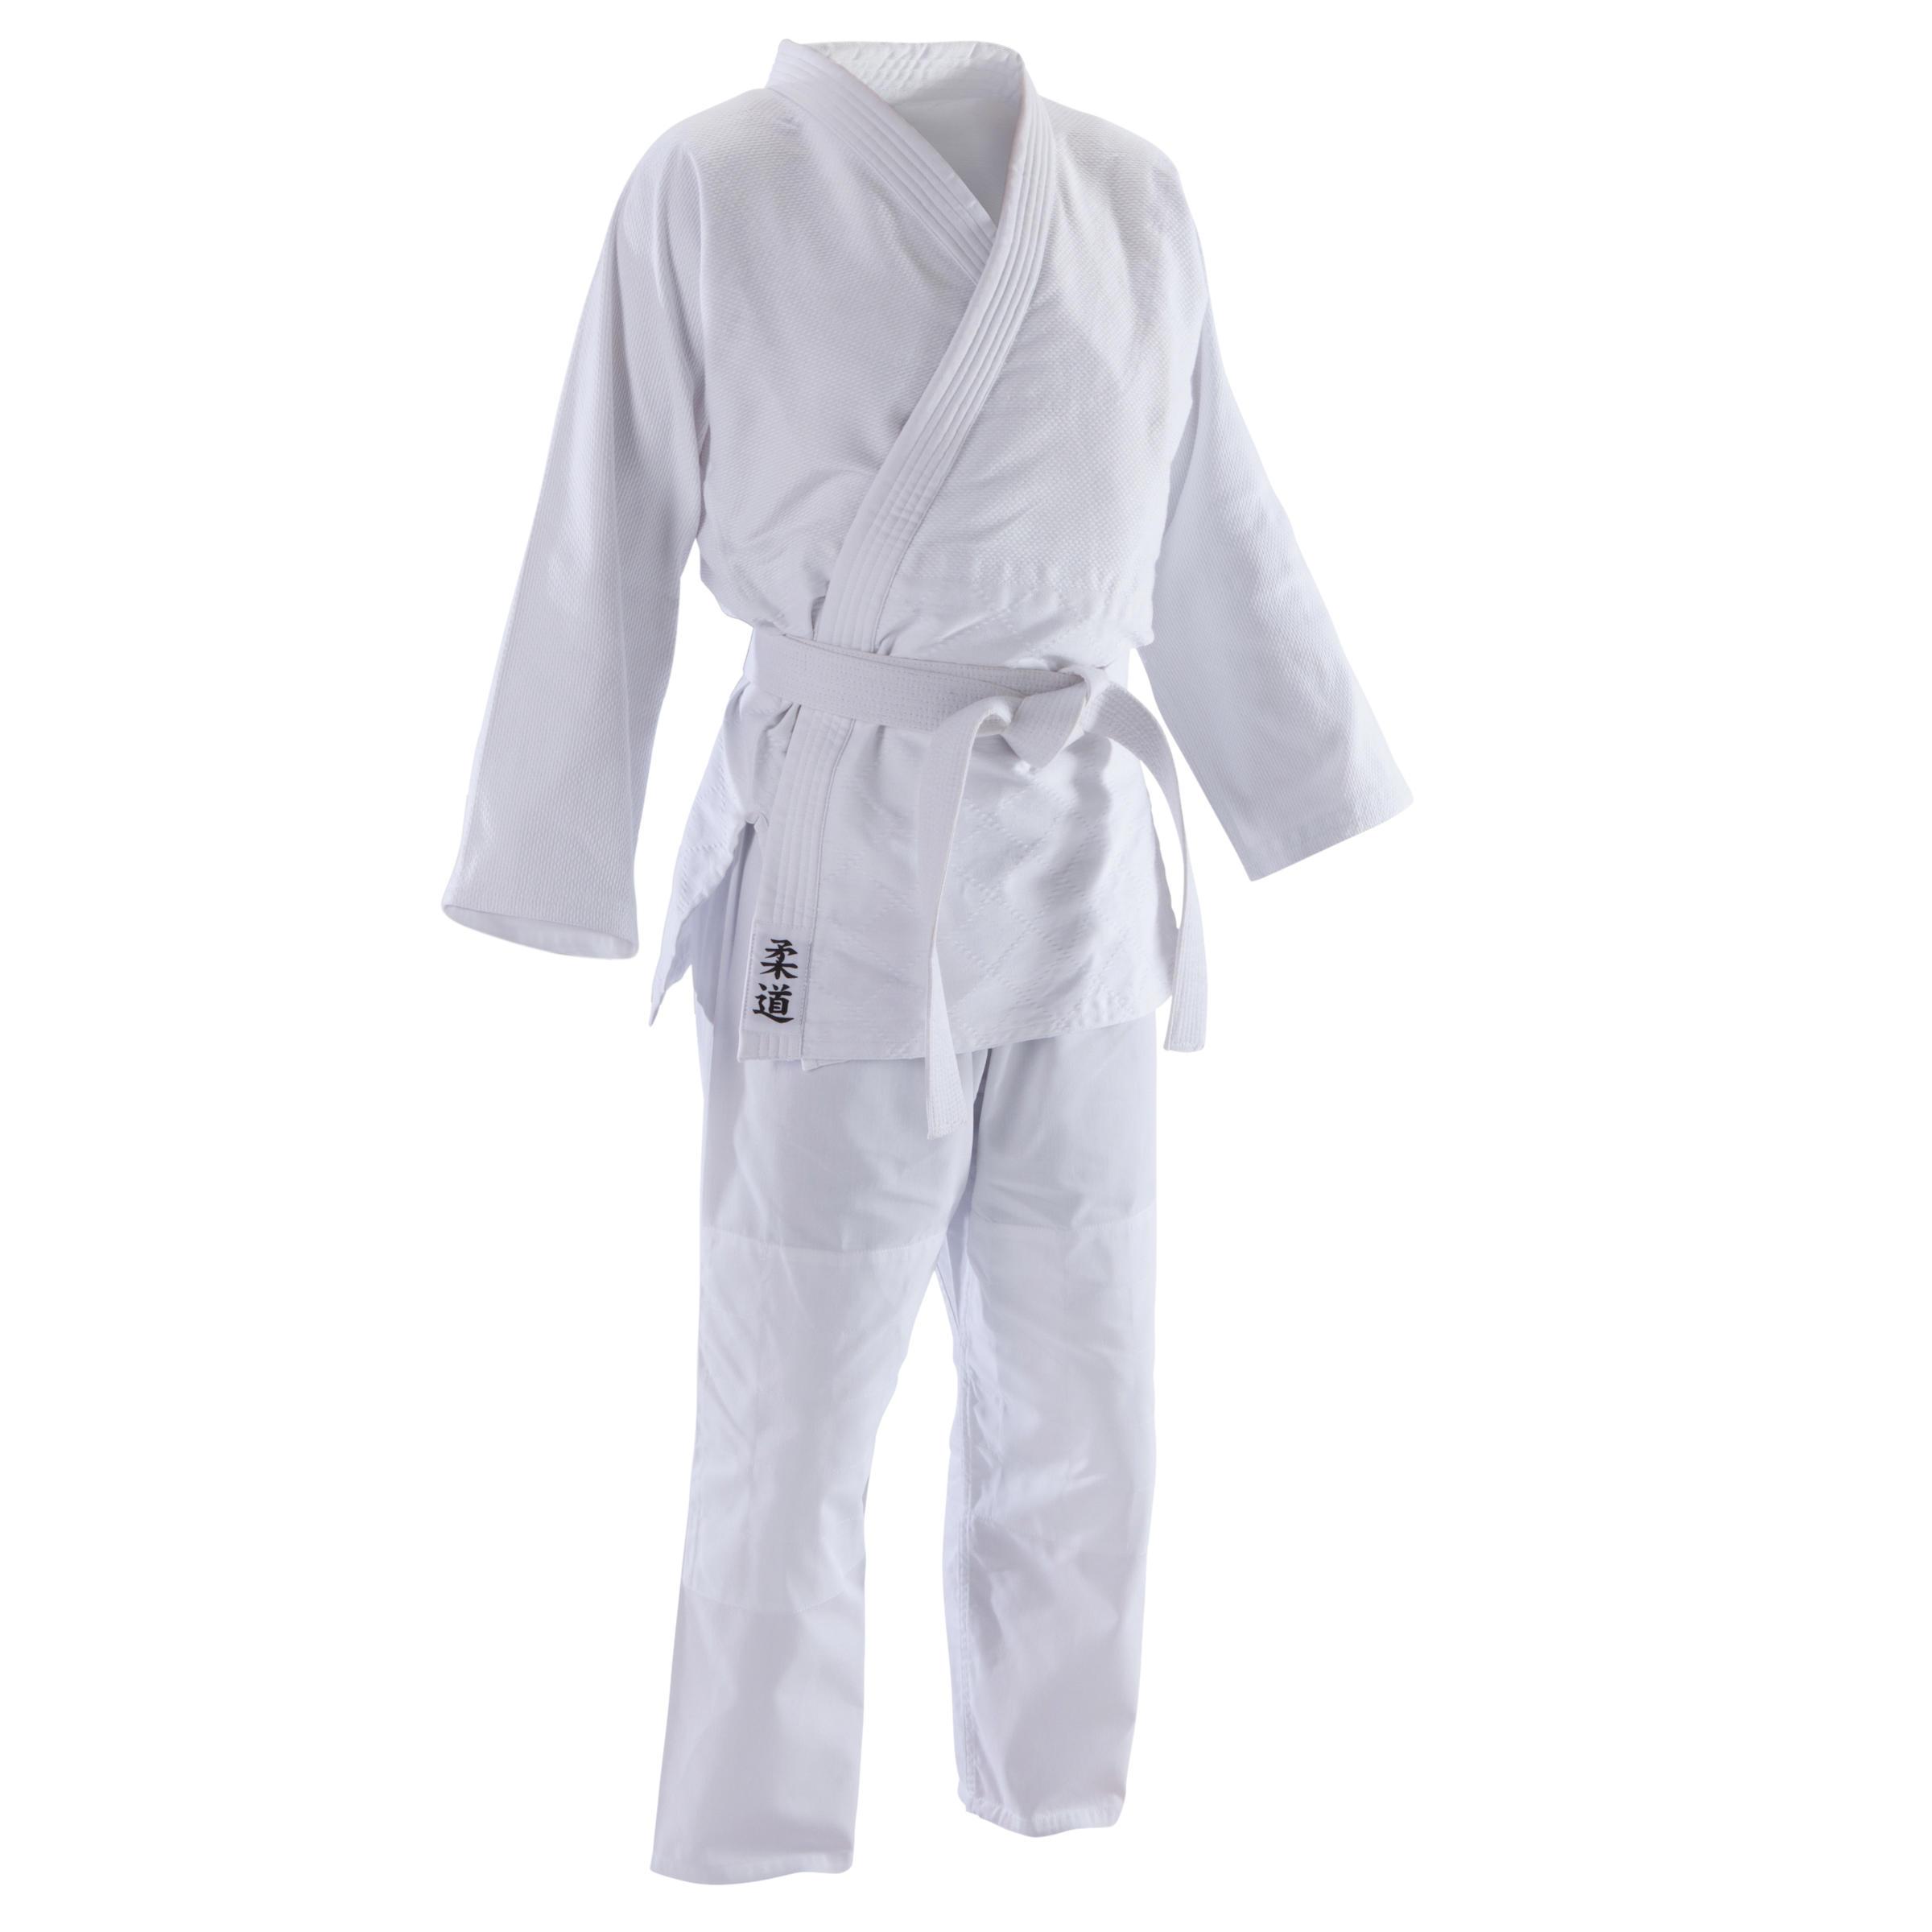 Judoanzug 100 Aikido Erwachsene weiß | Sportbekleidung > Sportanzüge > Judoanzüge | Weiß | Outshock